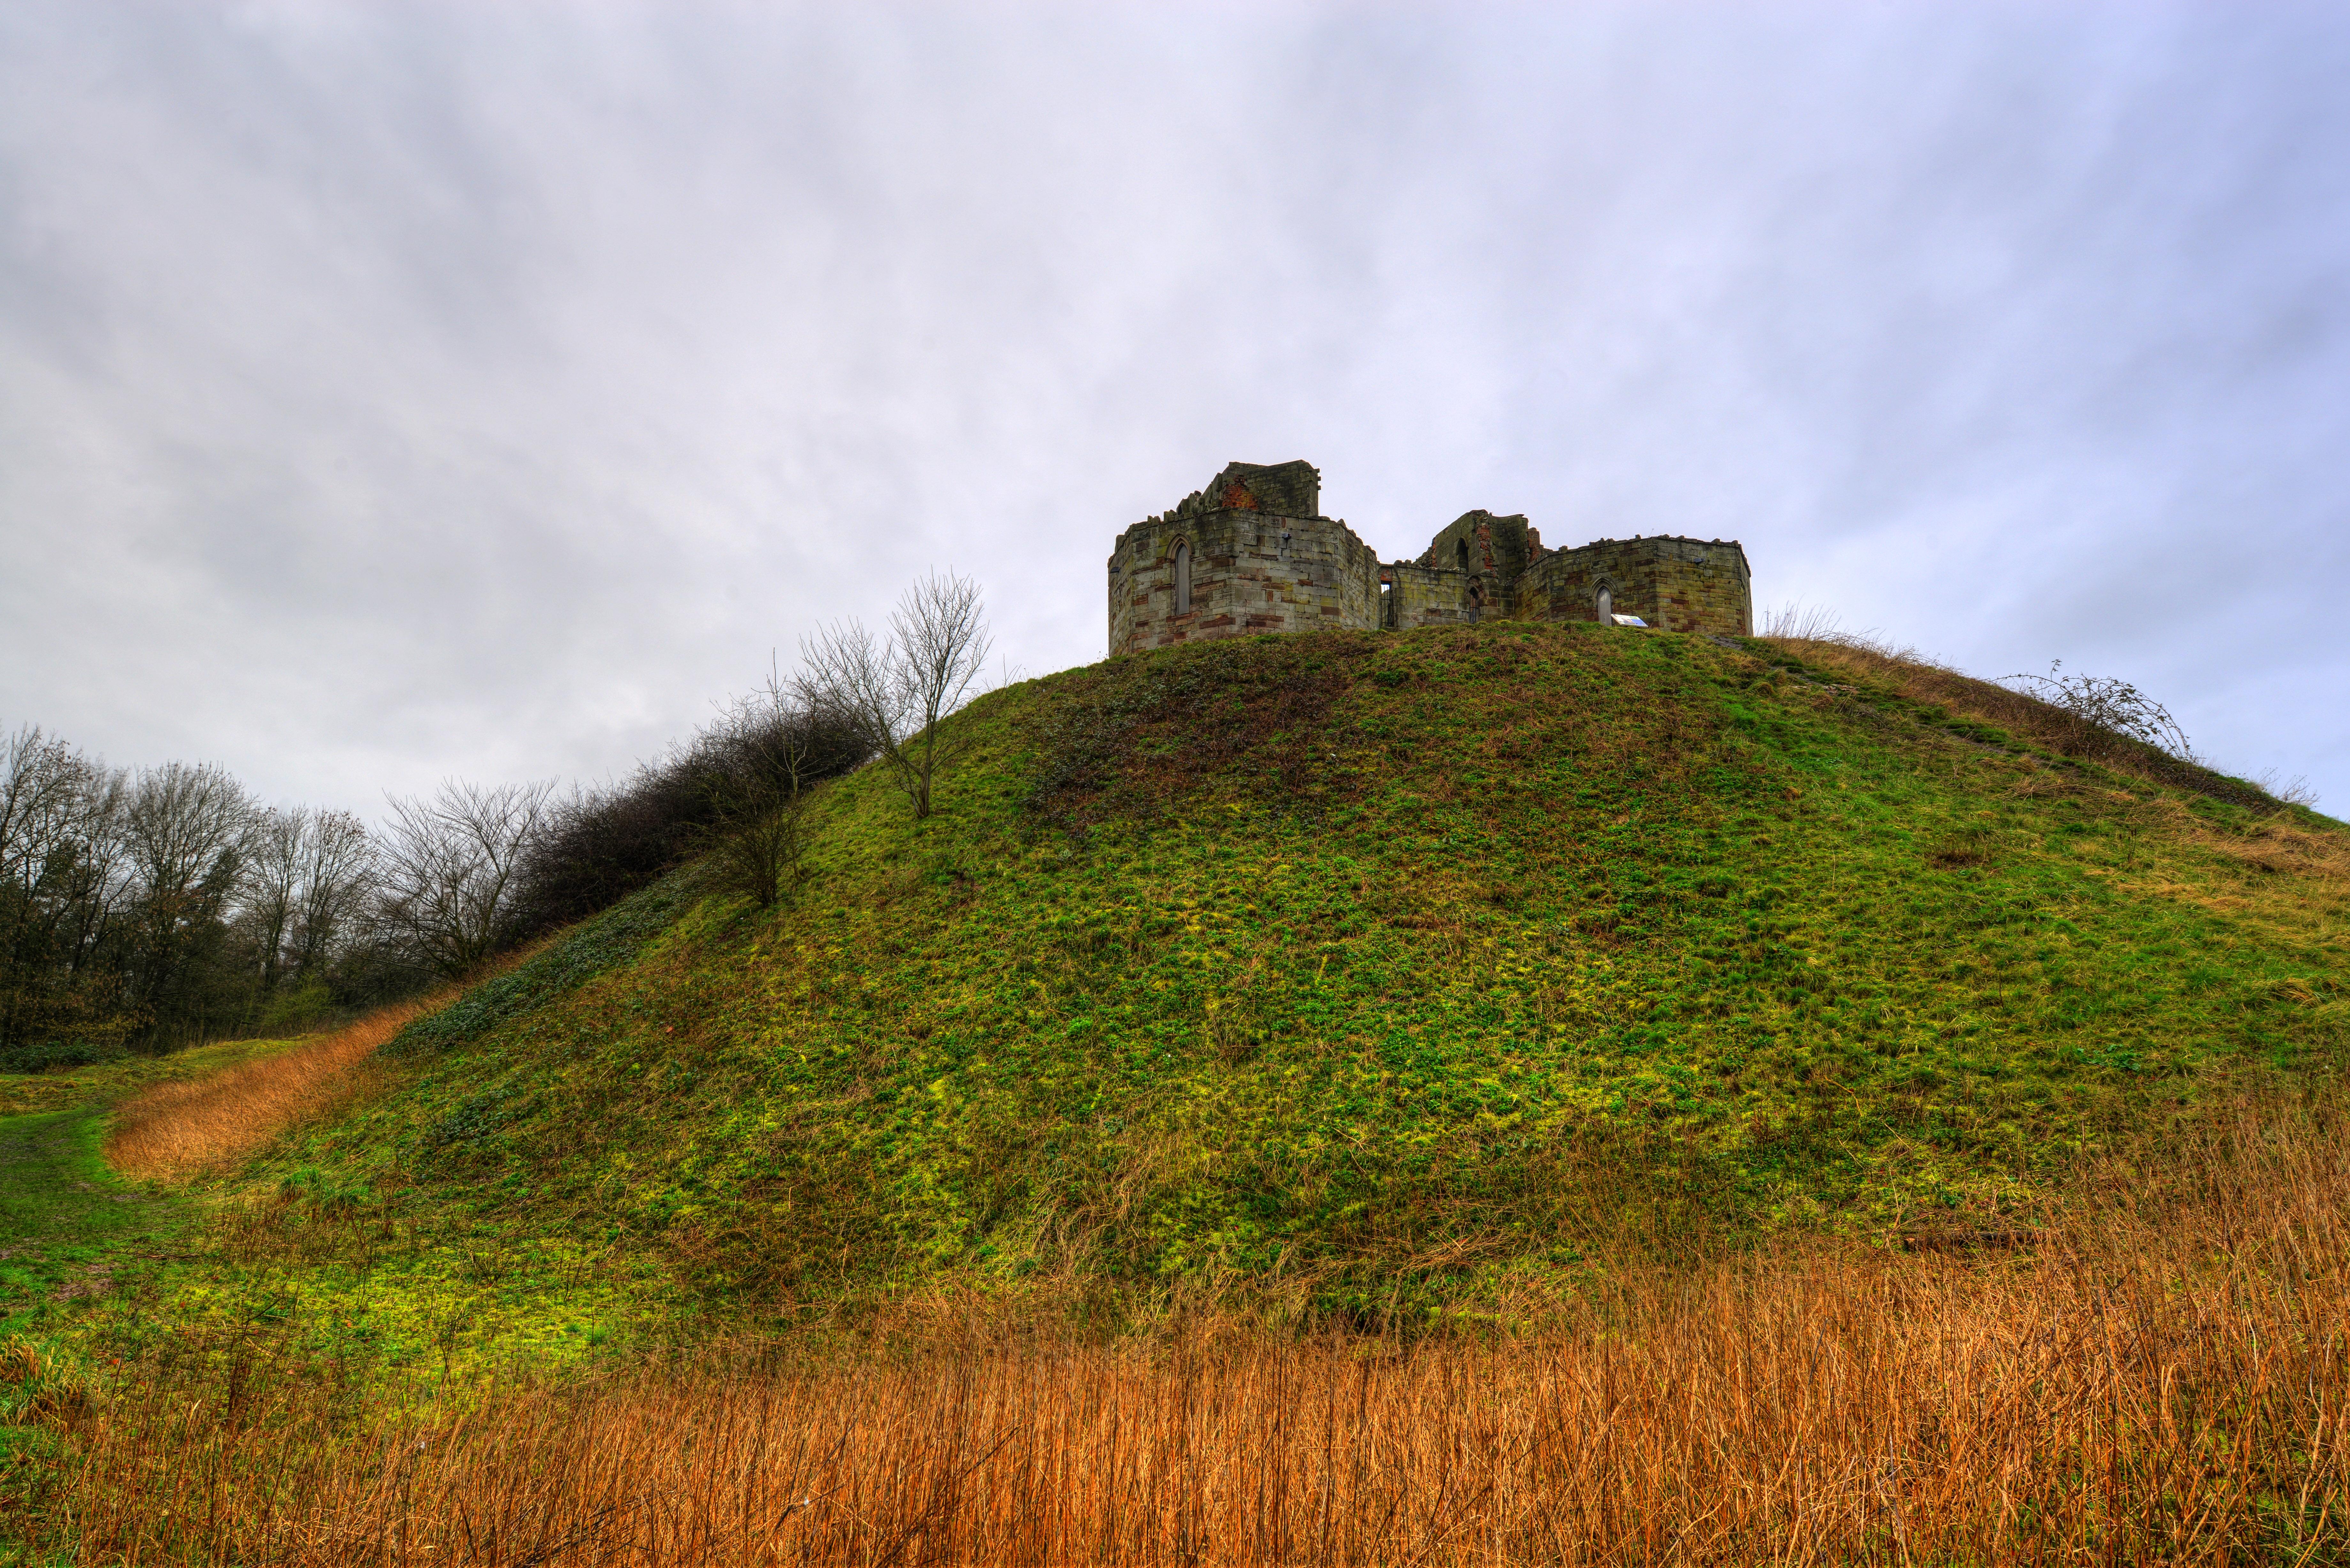 Elevation Stone Uk : Elevation of yarnfield stone st wl uk topographic